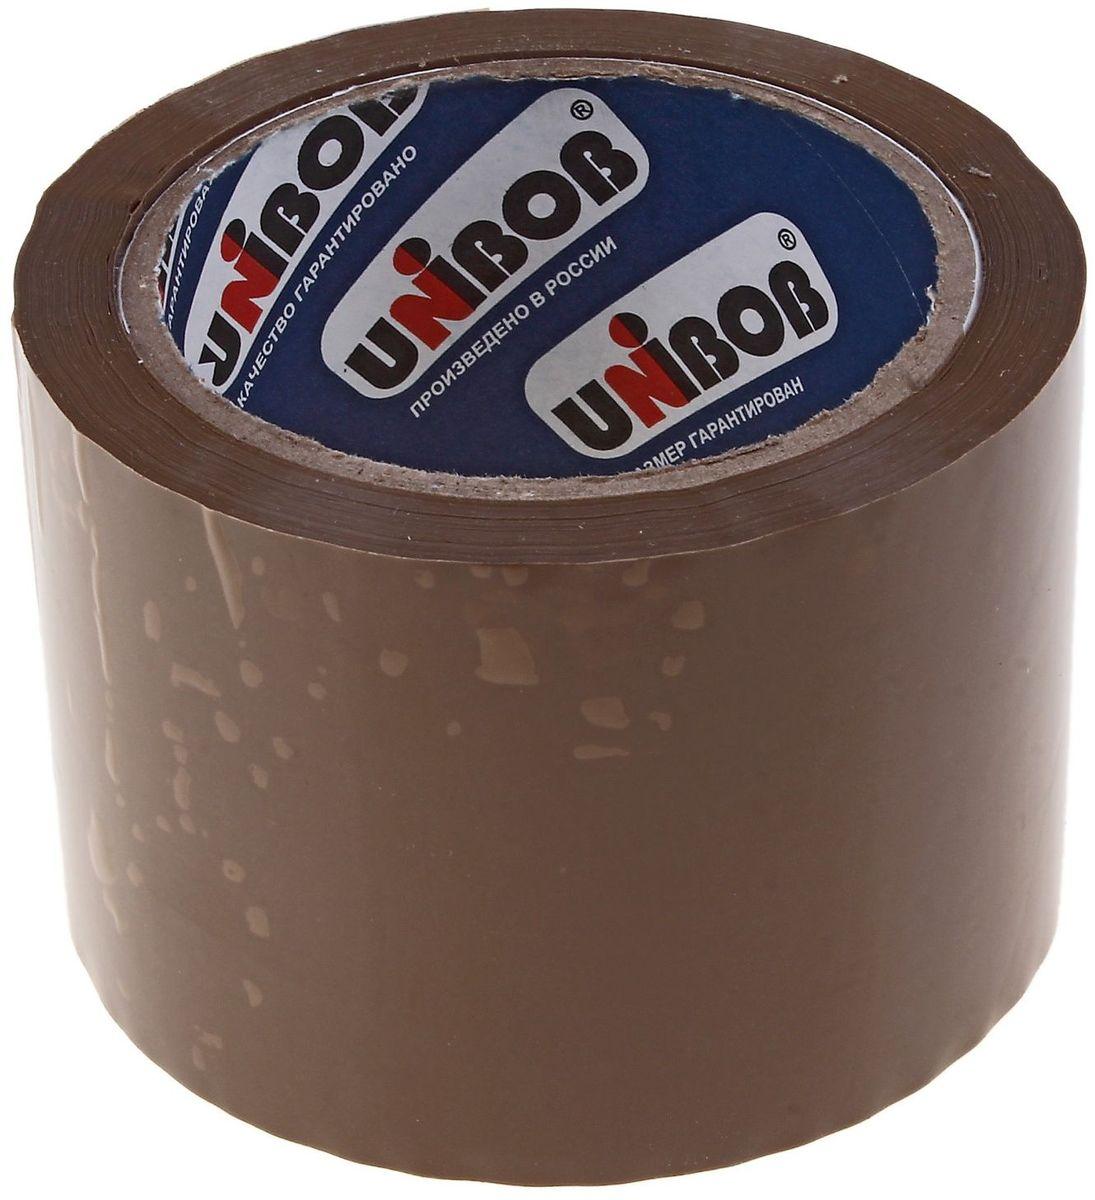 Unibob Клейкая лента 72 мм х 66 м цвет коричневый